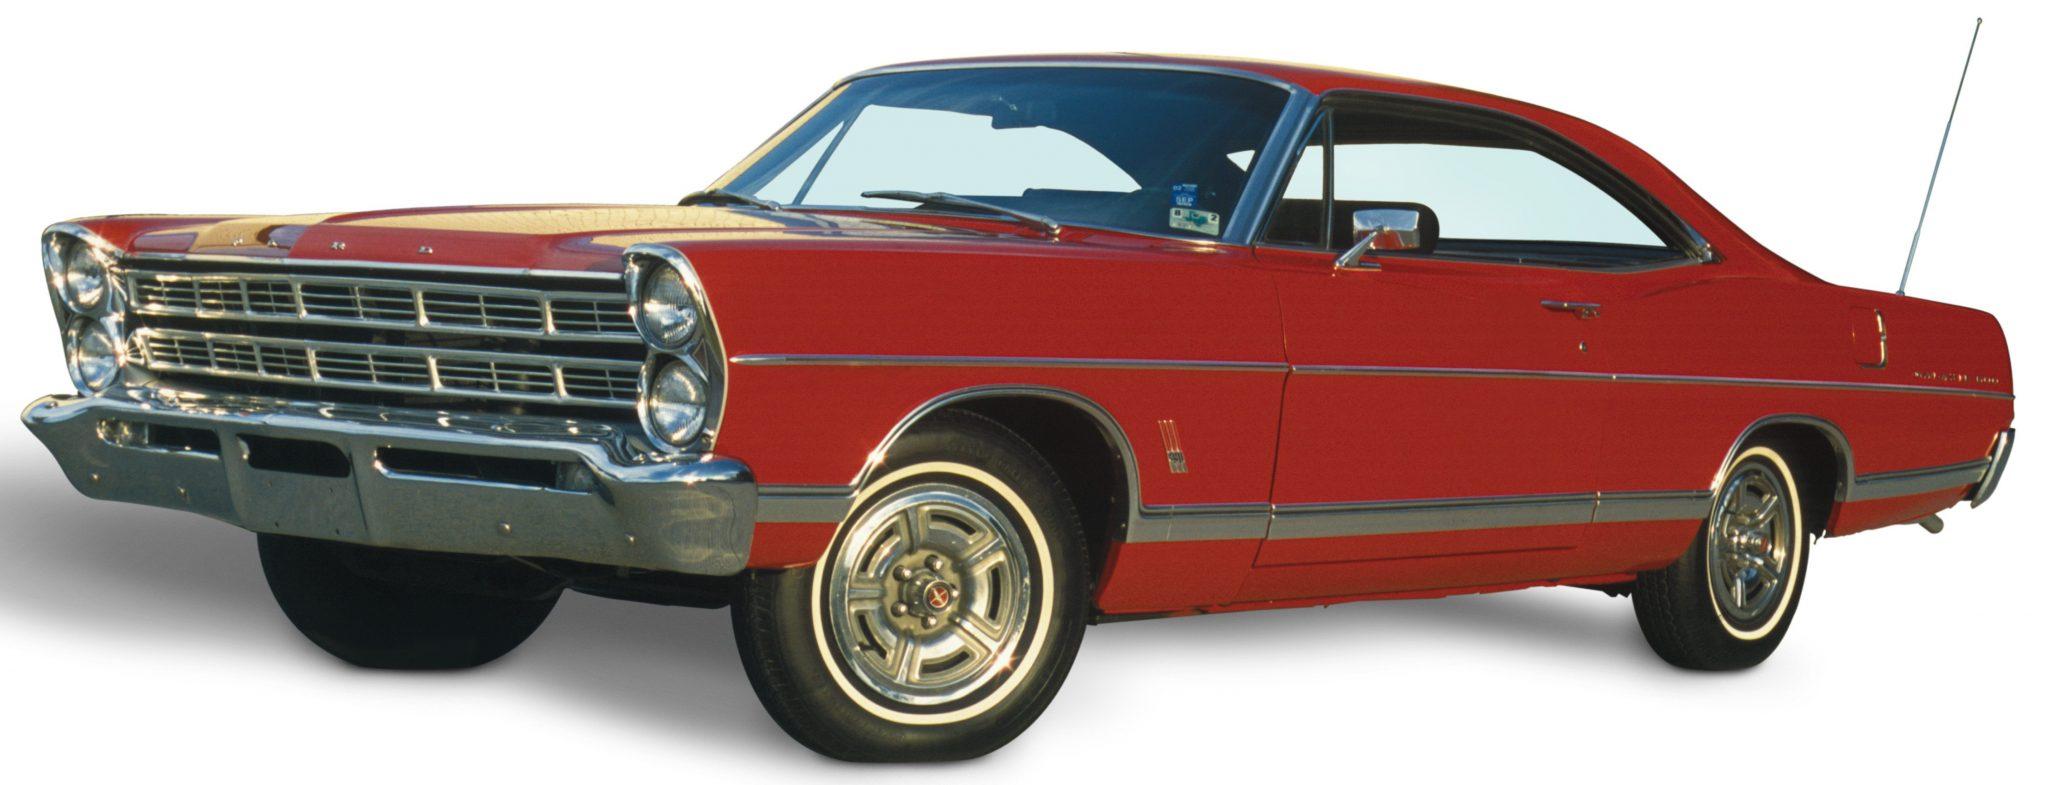 1967 Ford Galaxie 500 Two-Door Hardtop